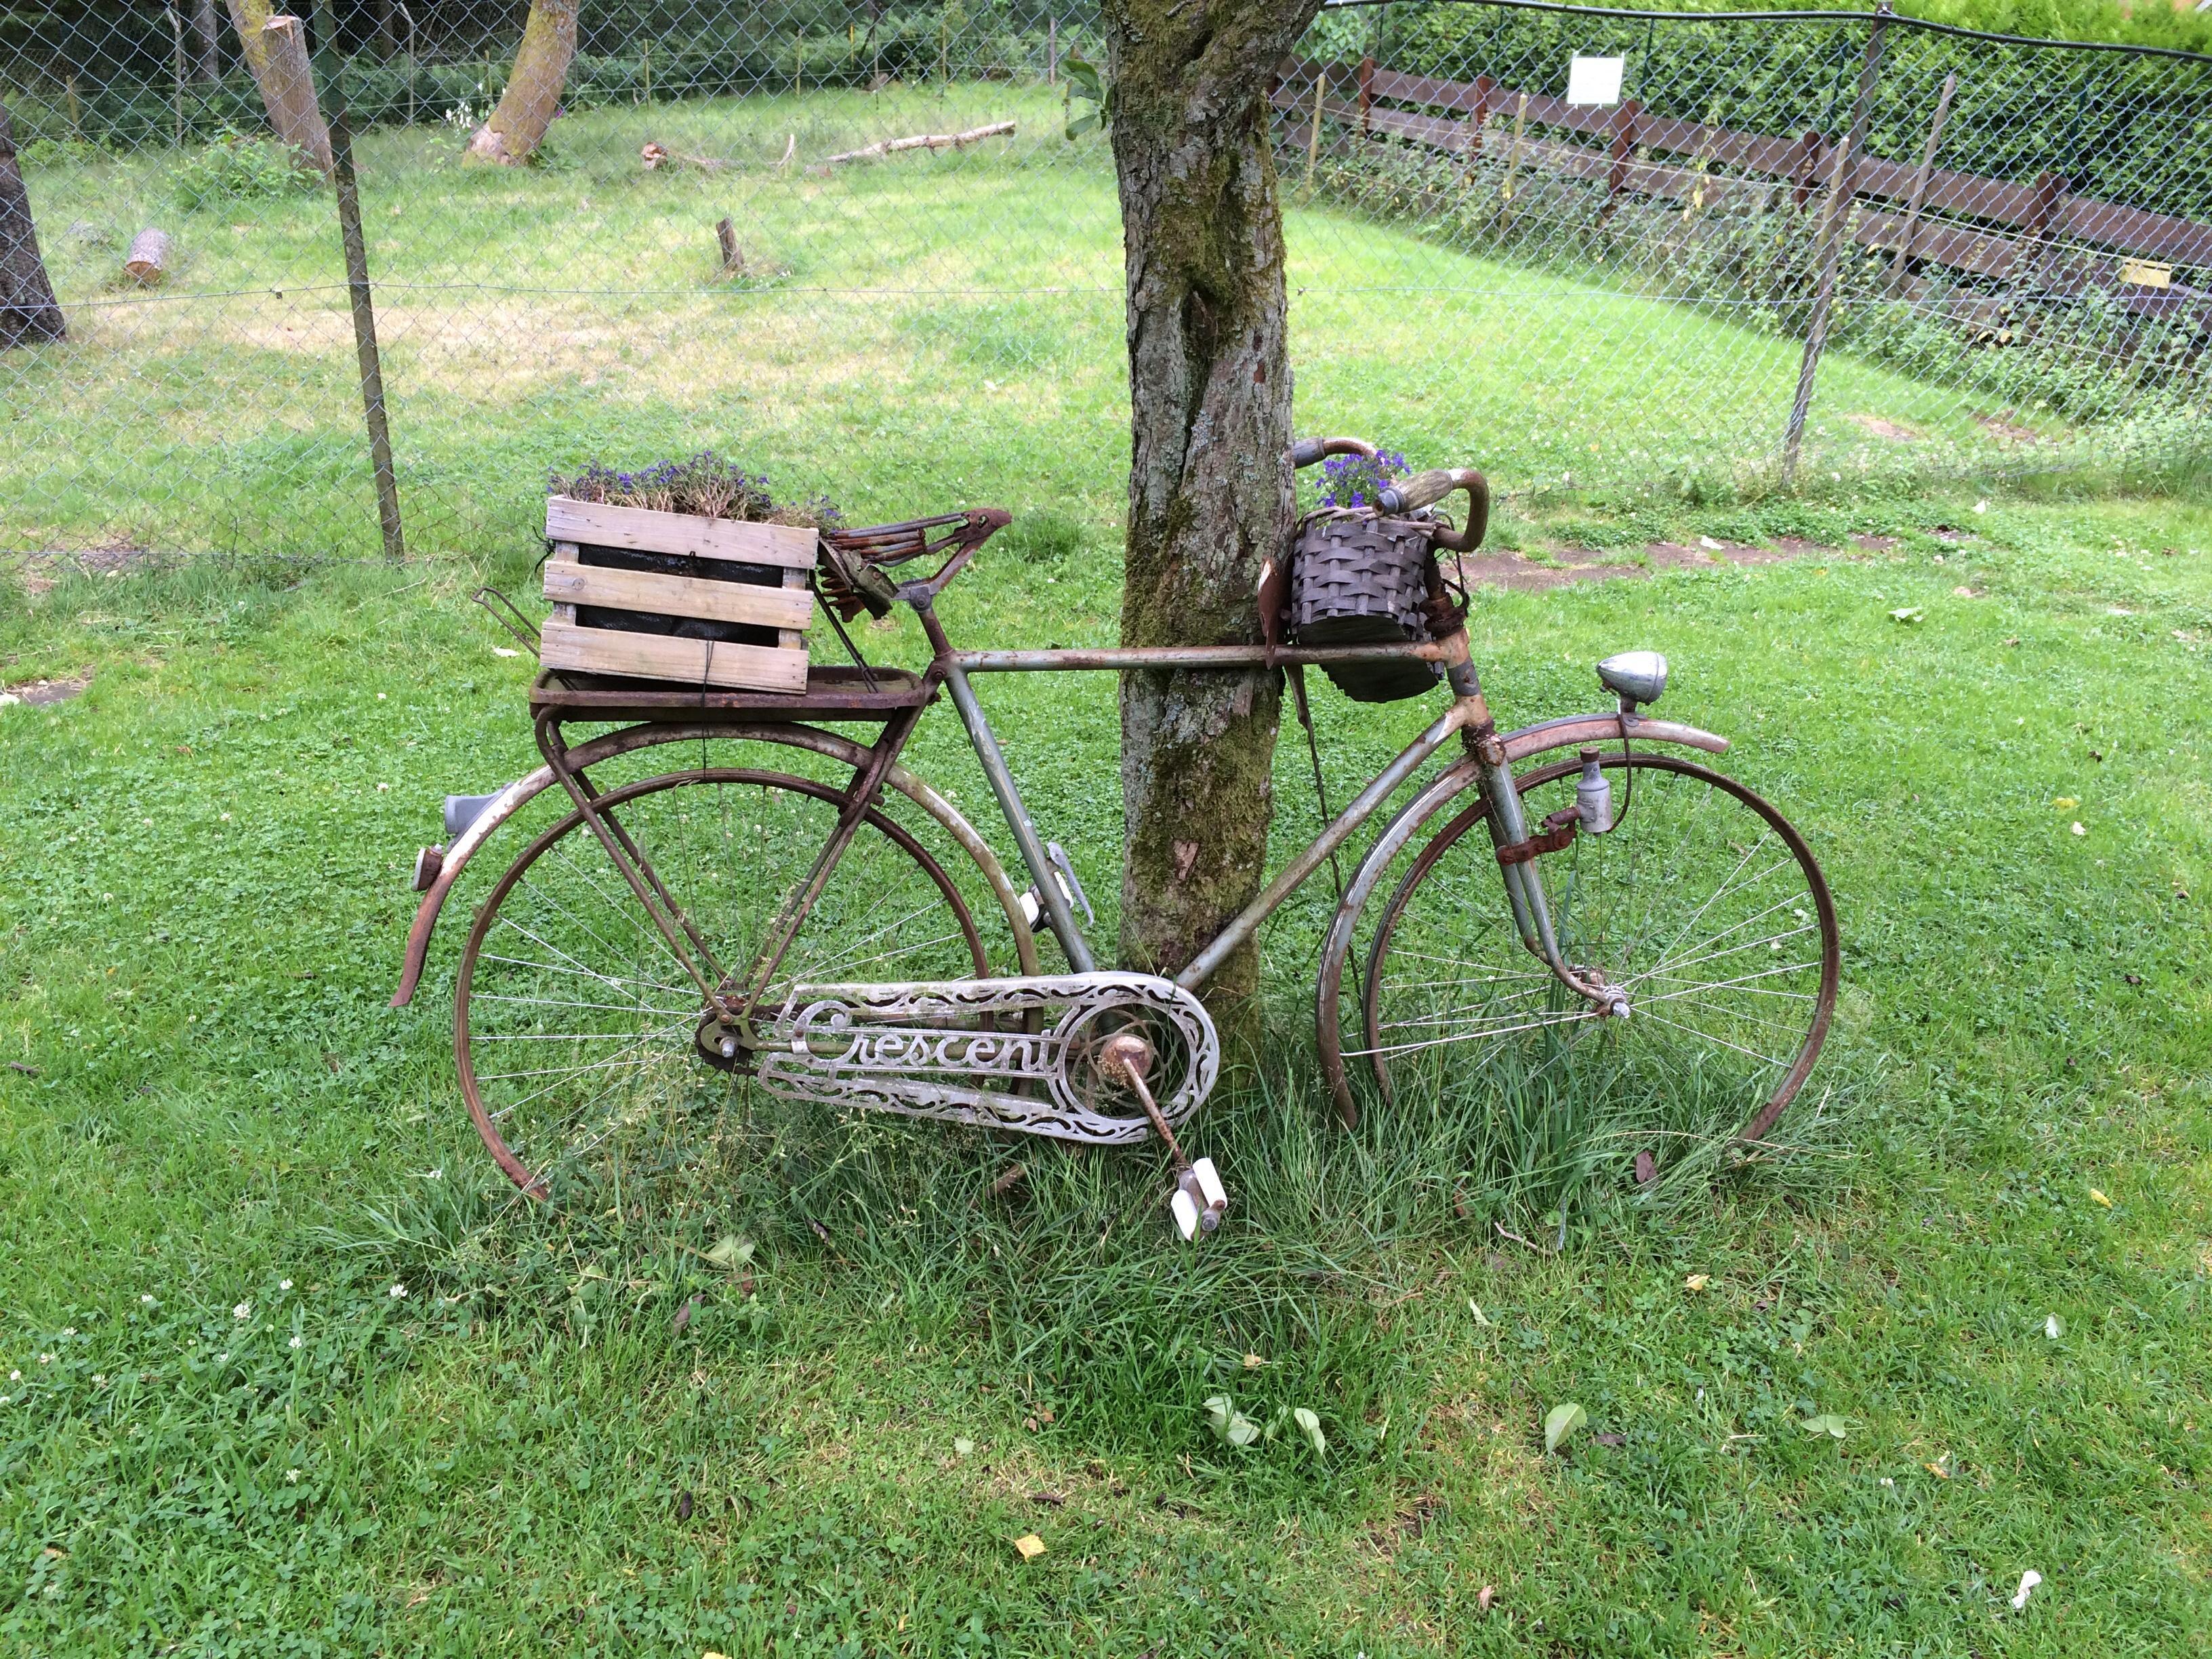 Bike ready for summer